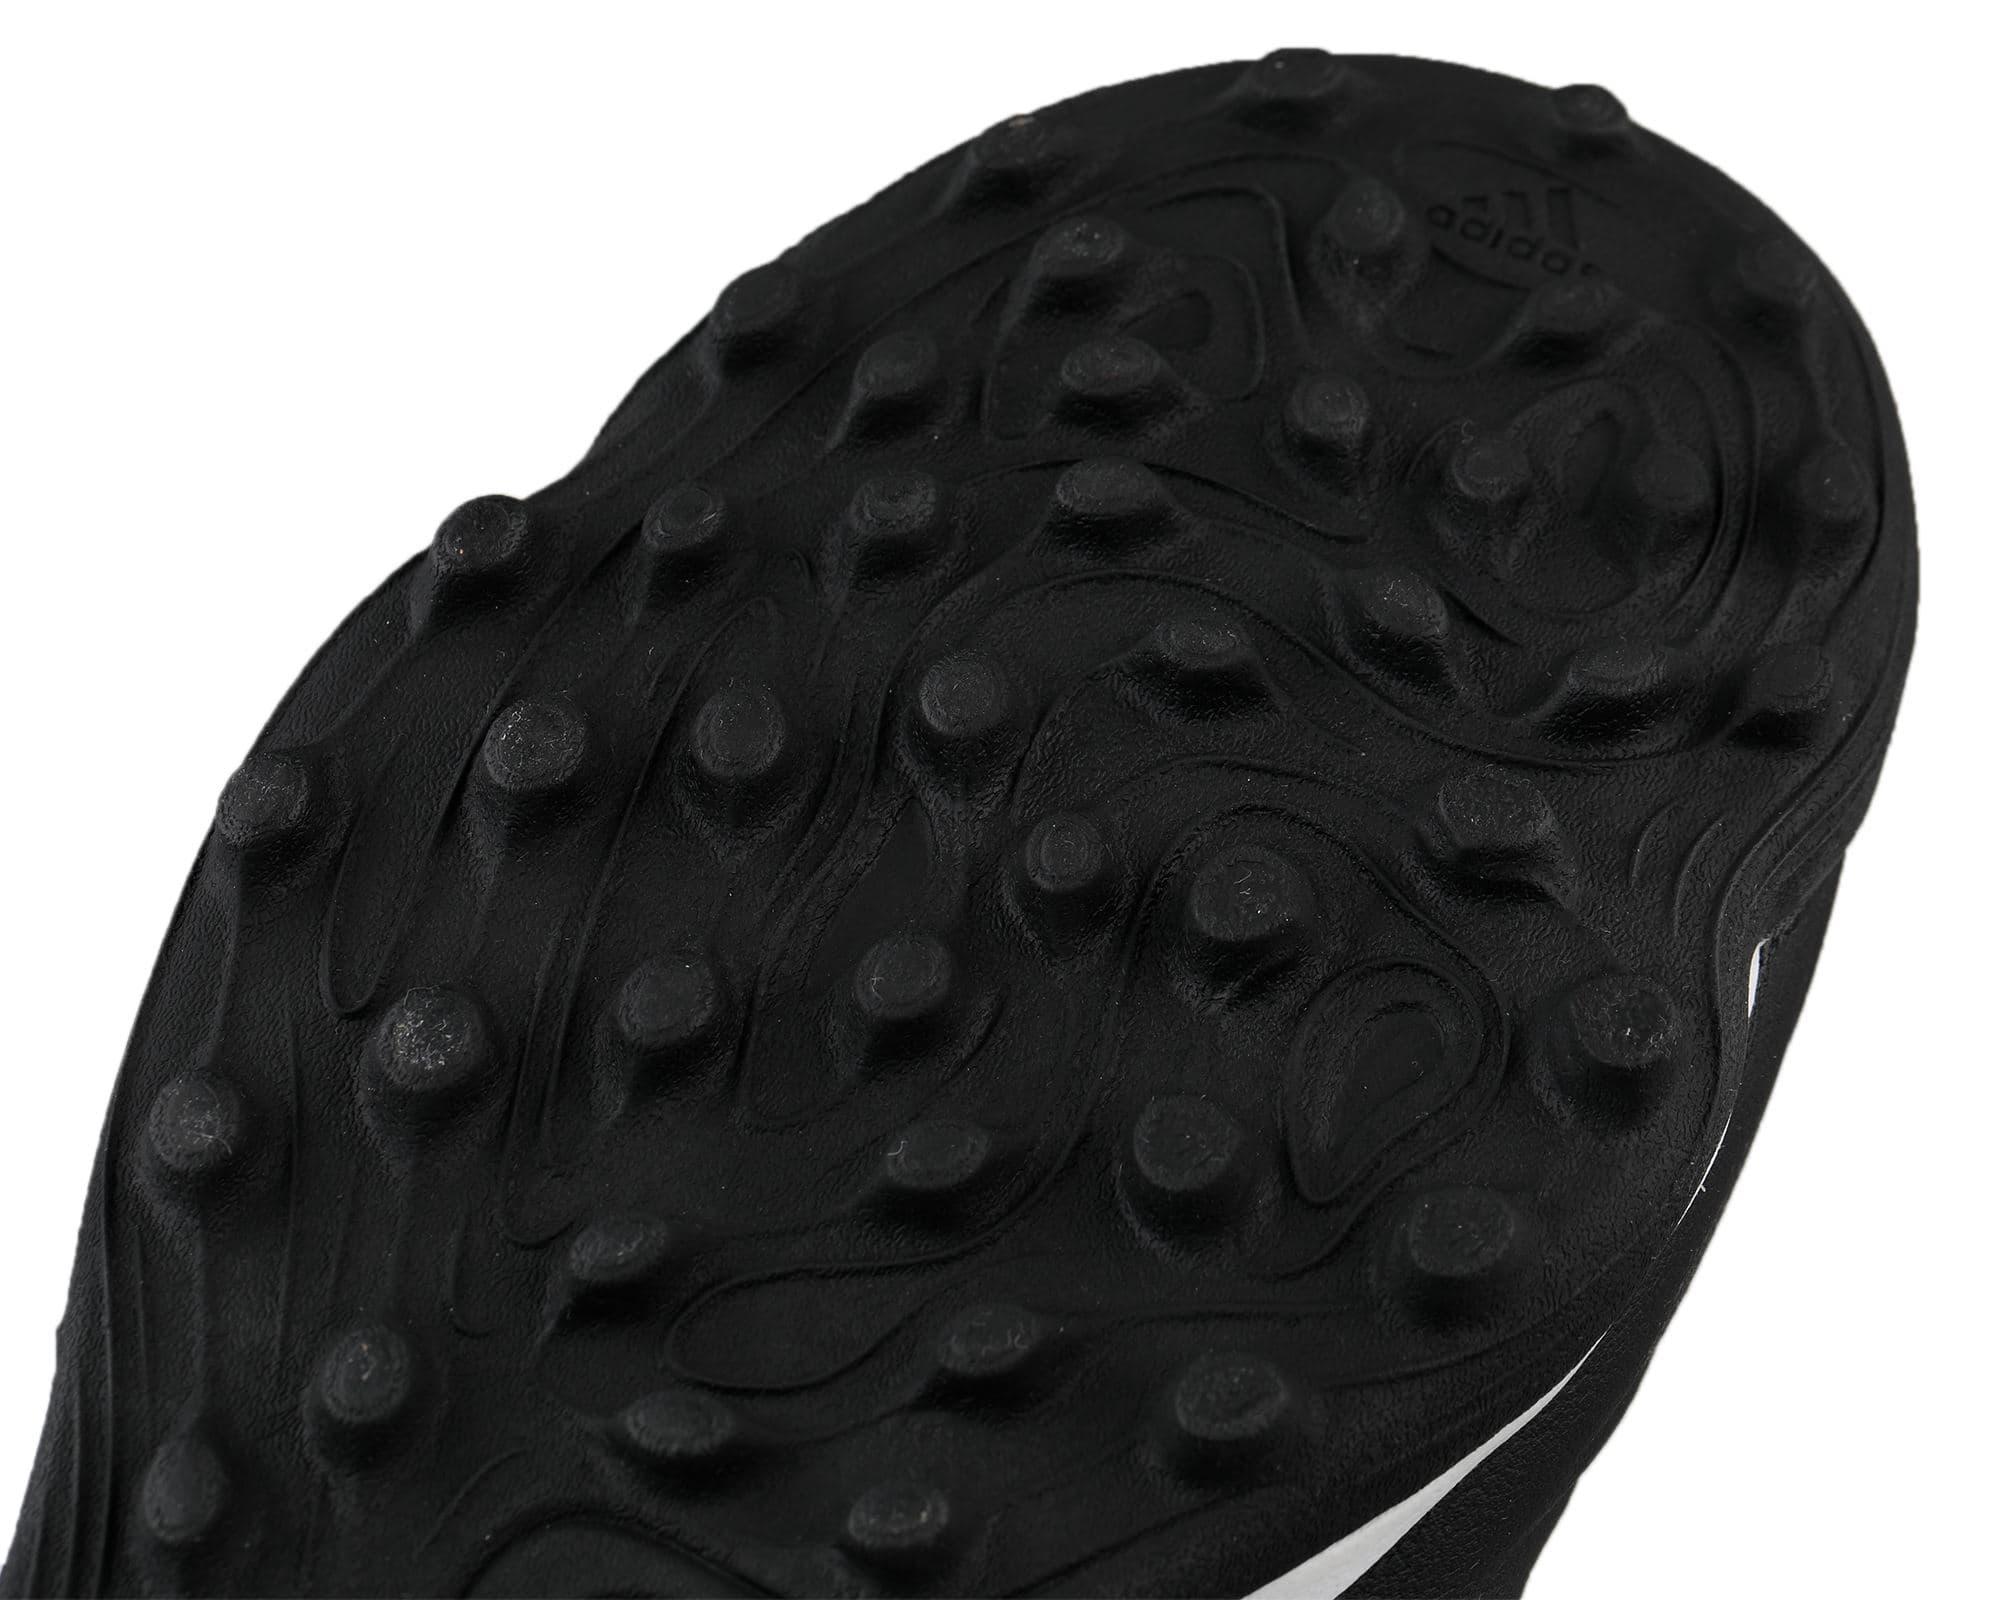 Copa Sense.3 Siyah Halı Saha Ayakkabısı (FW6529)